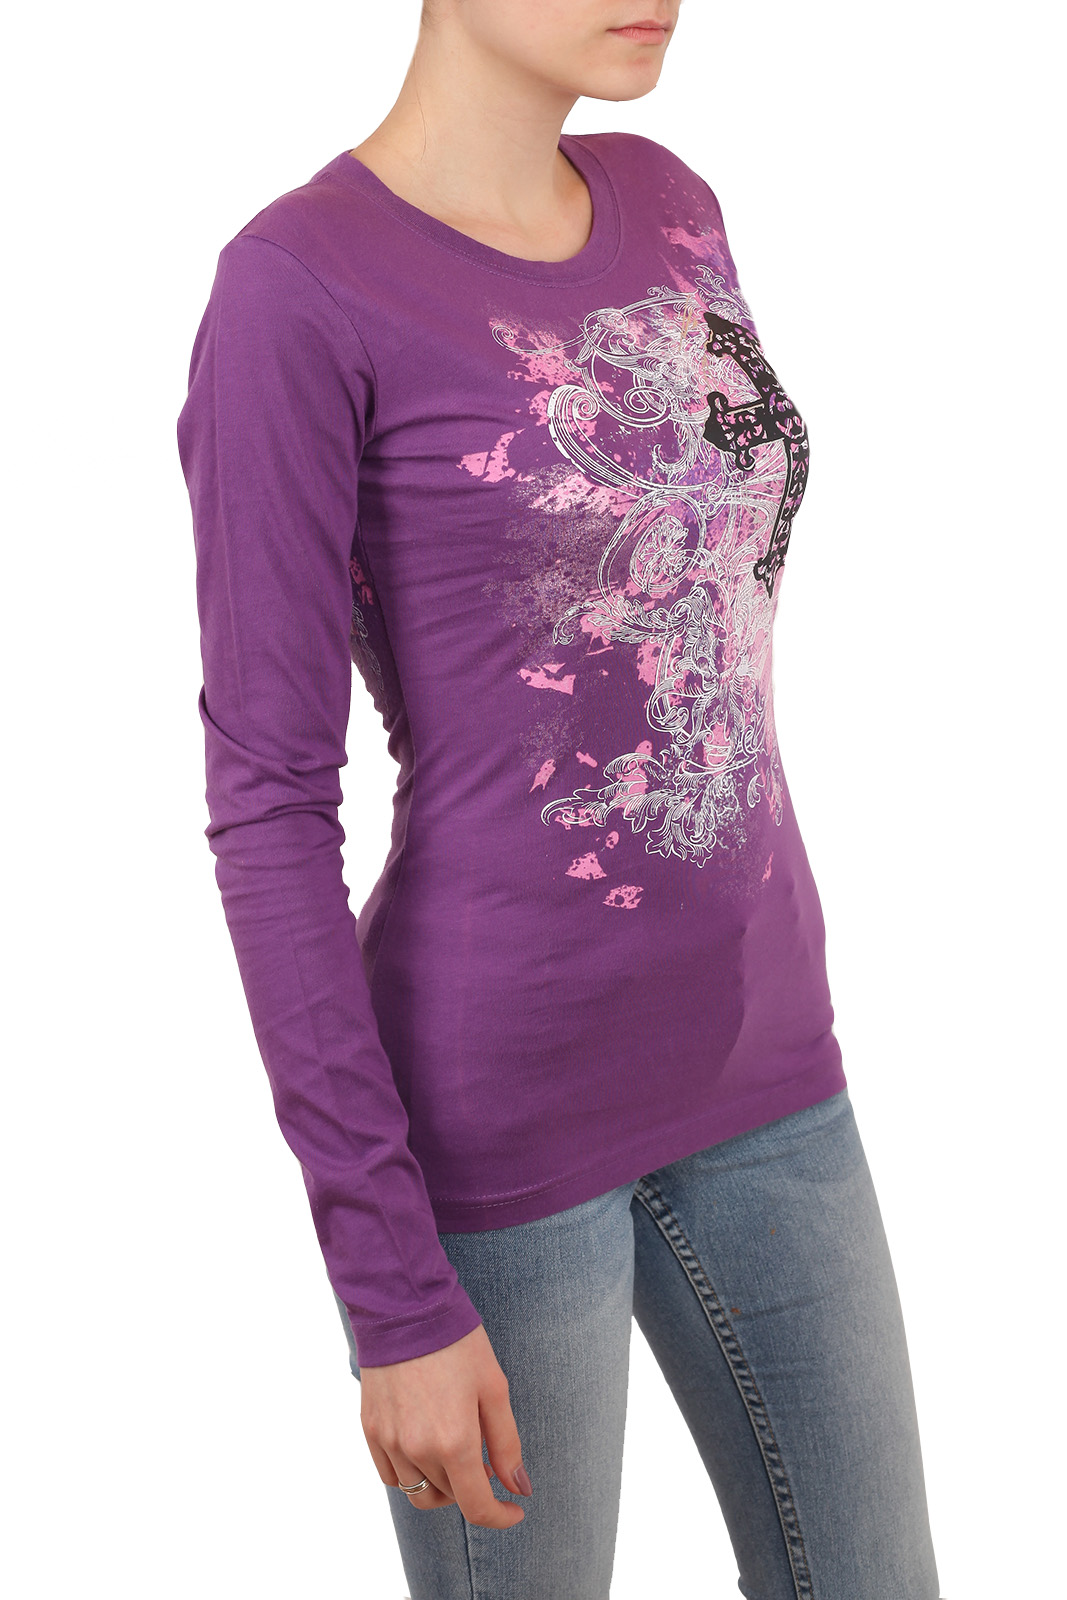 Брендовый реглан Rock and Roll Cowgirl в готик-стиле. Фантазийный принт, модный лиловый цвет и возможность купить прямо СЕЙЧАС!